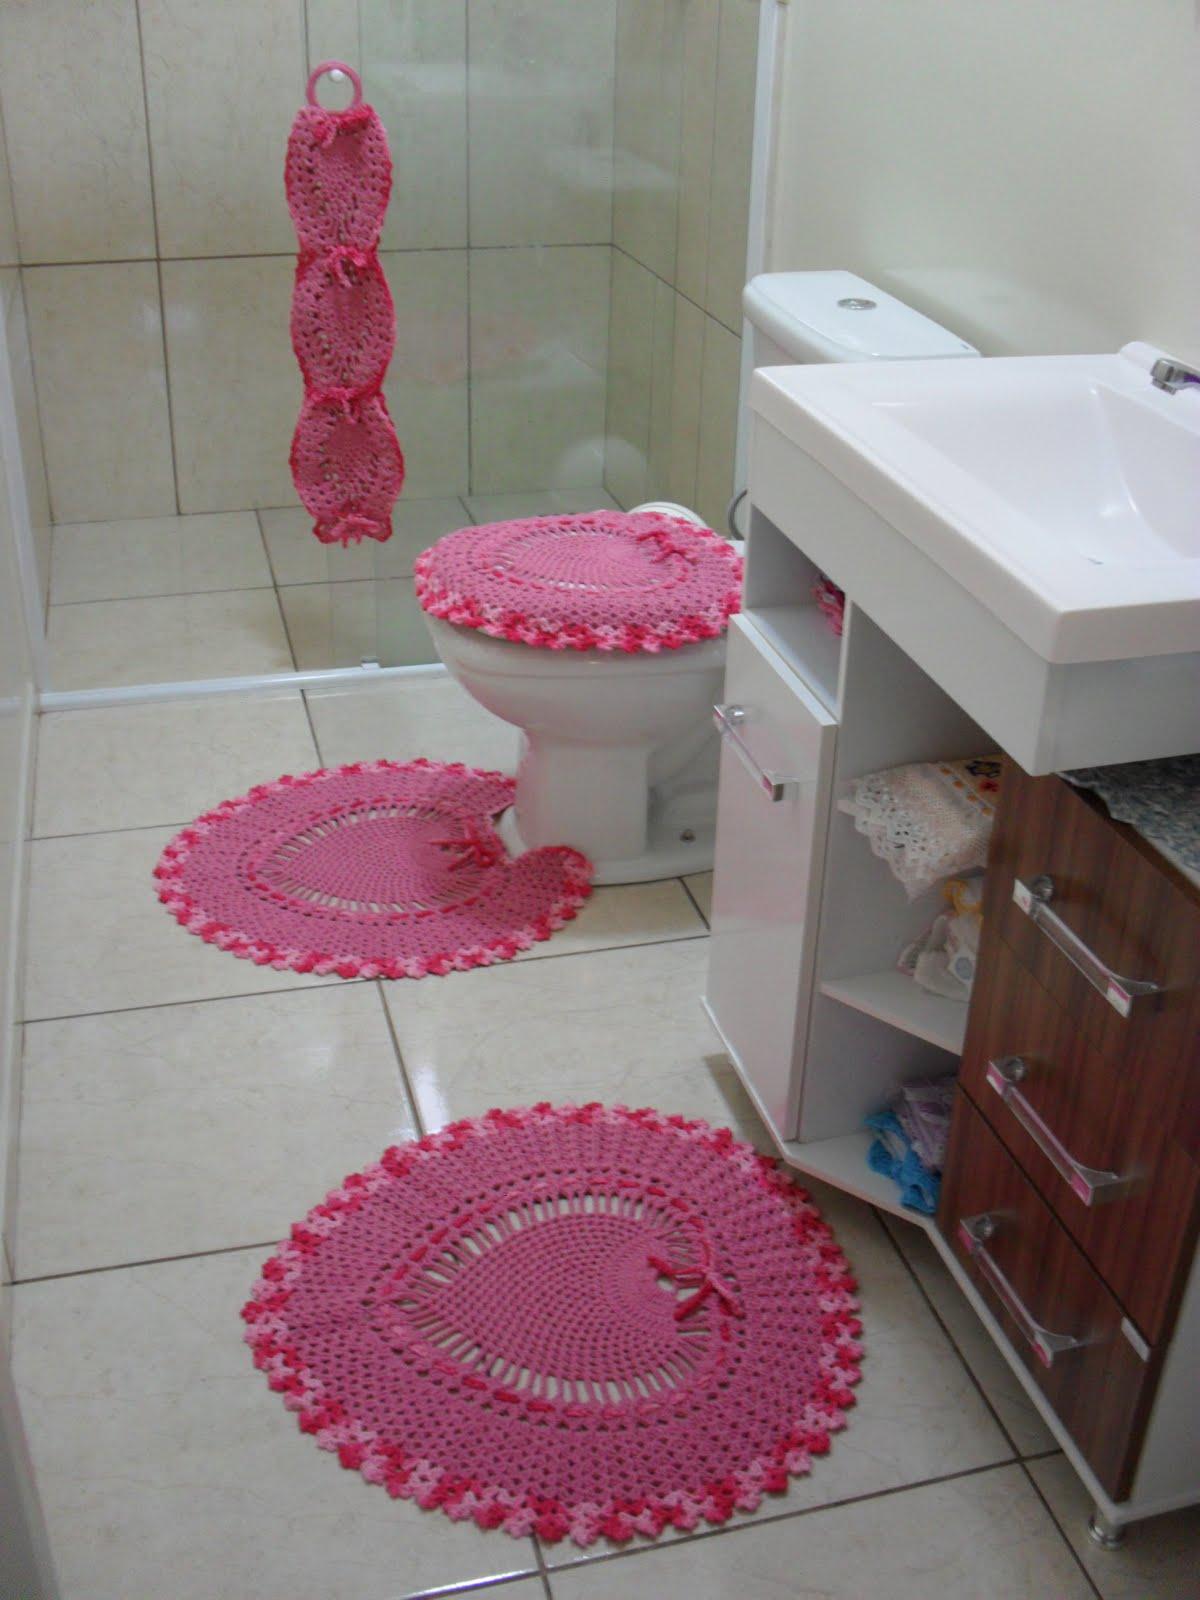 Jogo de banheiro coração rosa.: Crochet com Arte #943756 1200 1600